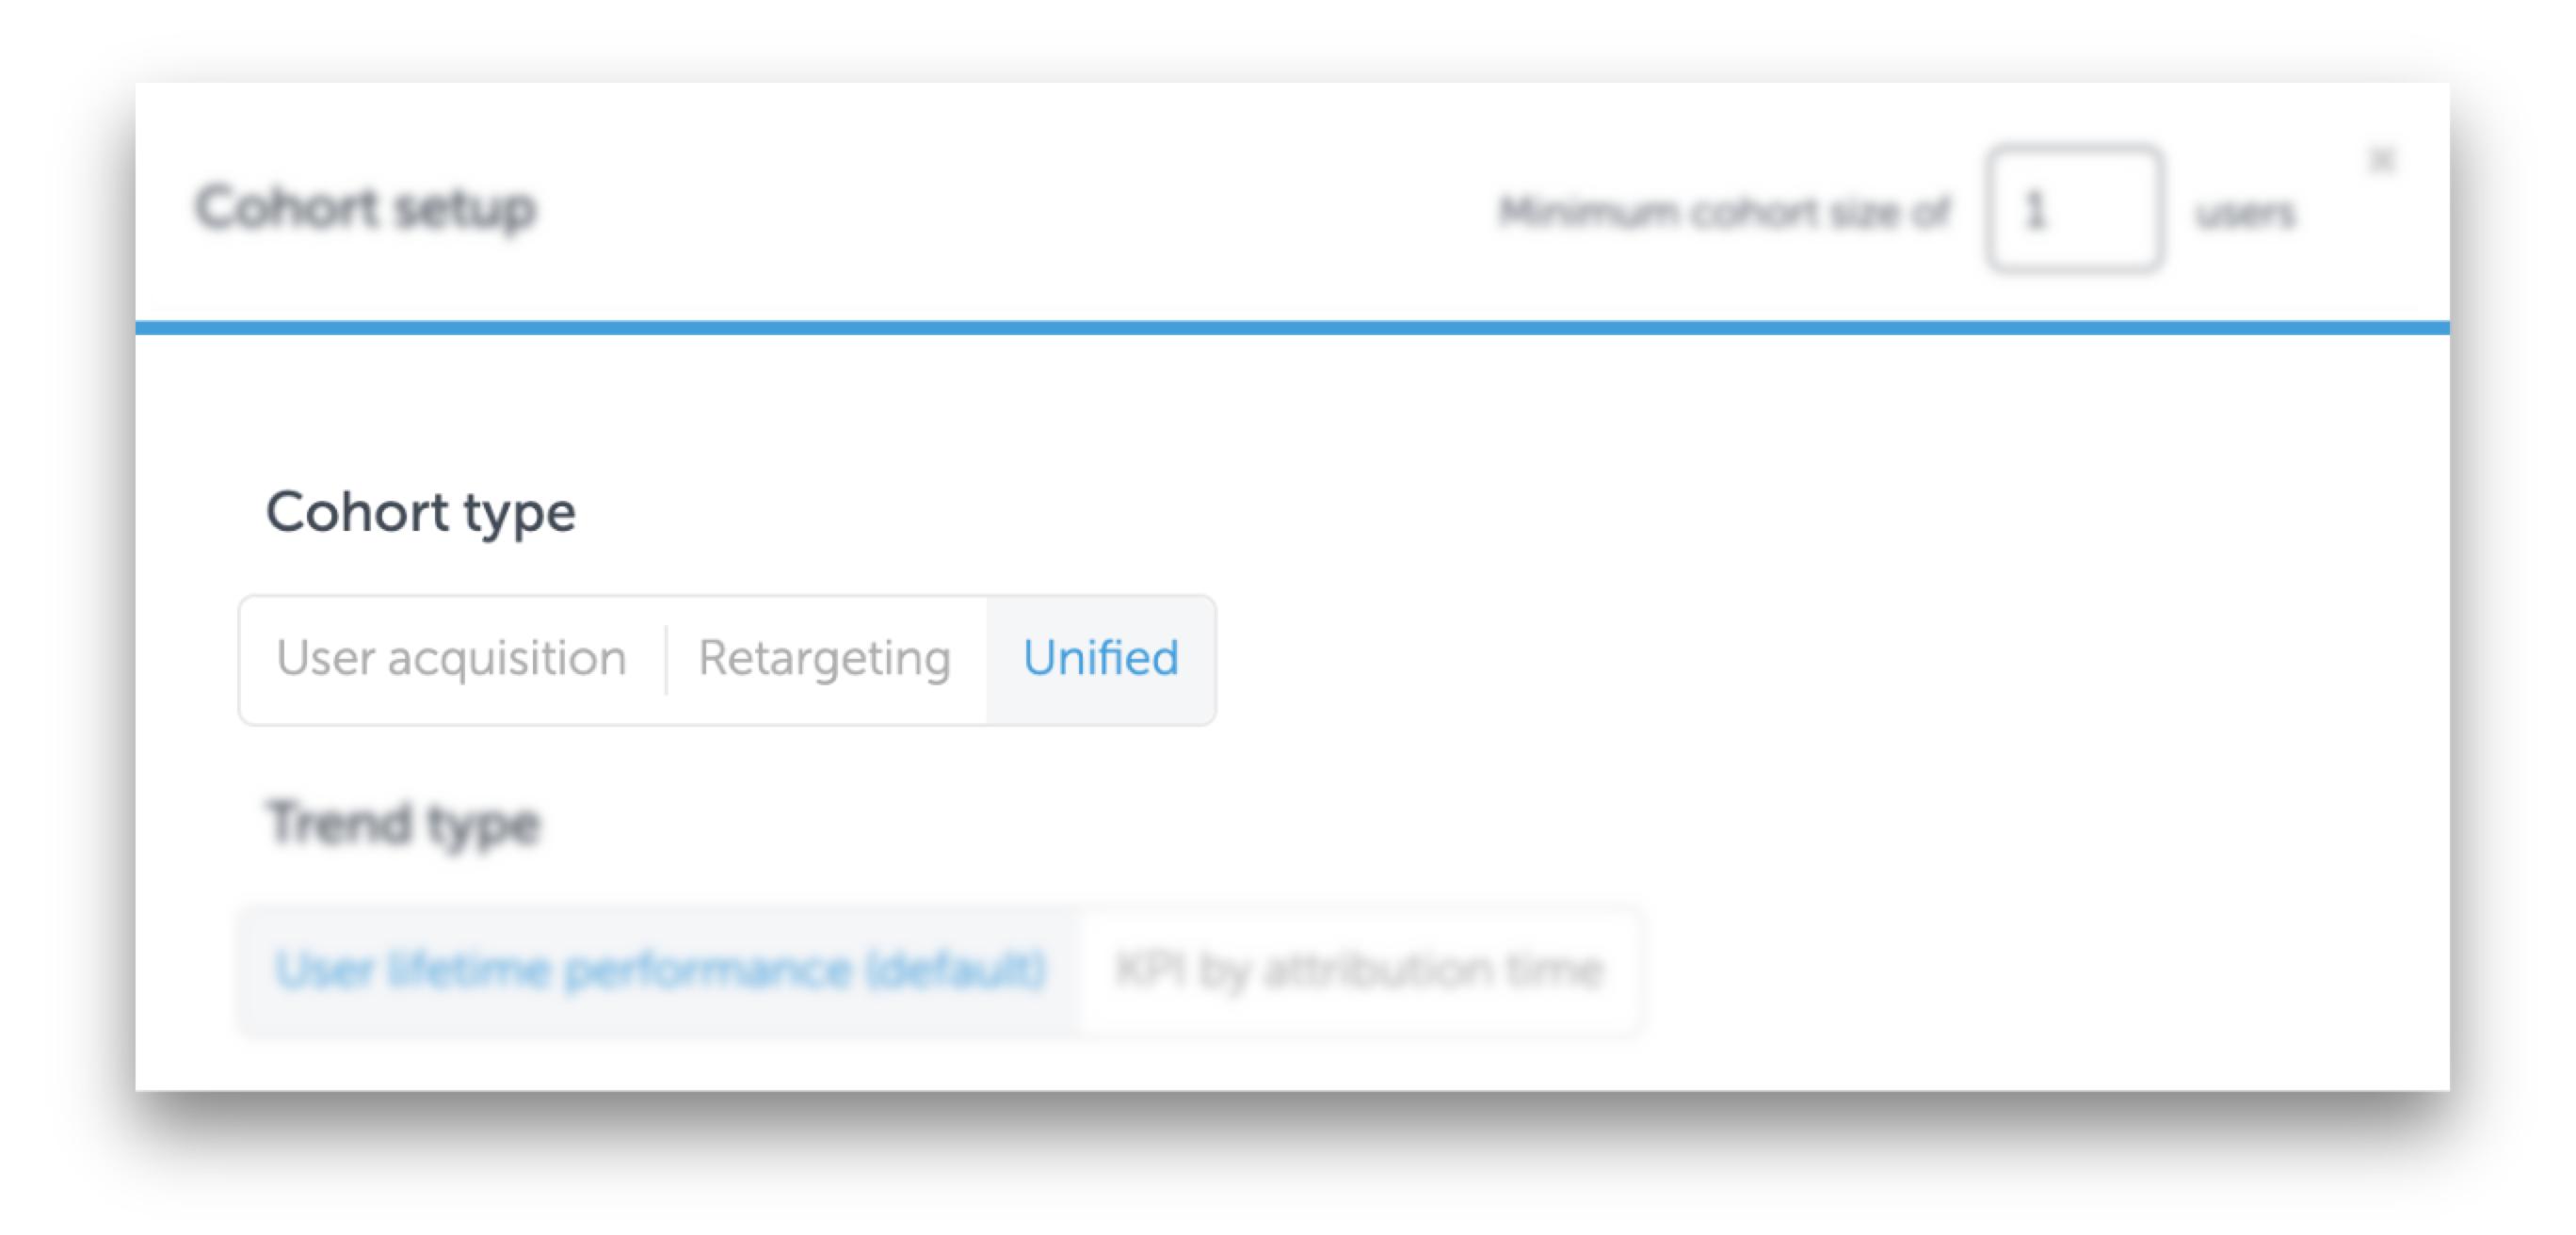 AppsFlyer コホートの新しい表示オプション